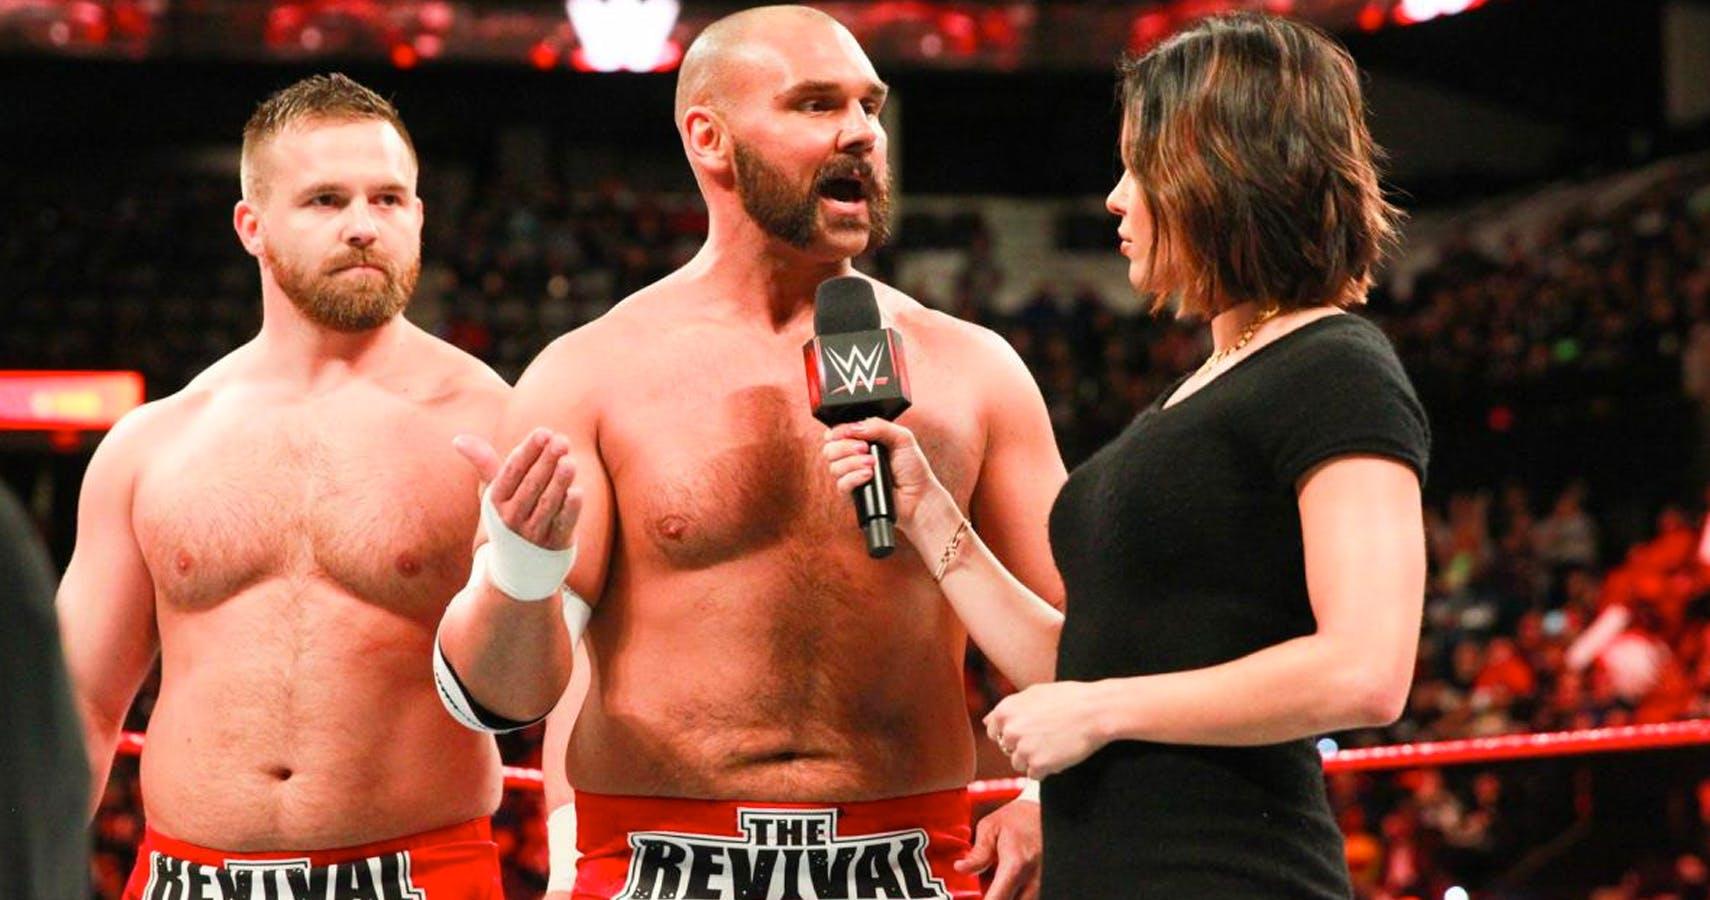 ऐसी पांच चीजें जो रॉयल रम्बल इवेंट में जरुर होनी चाहिएं, बढ़ सकती है WWE की TRP 3